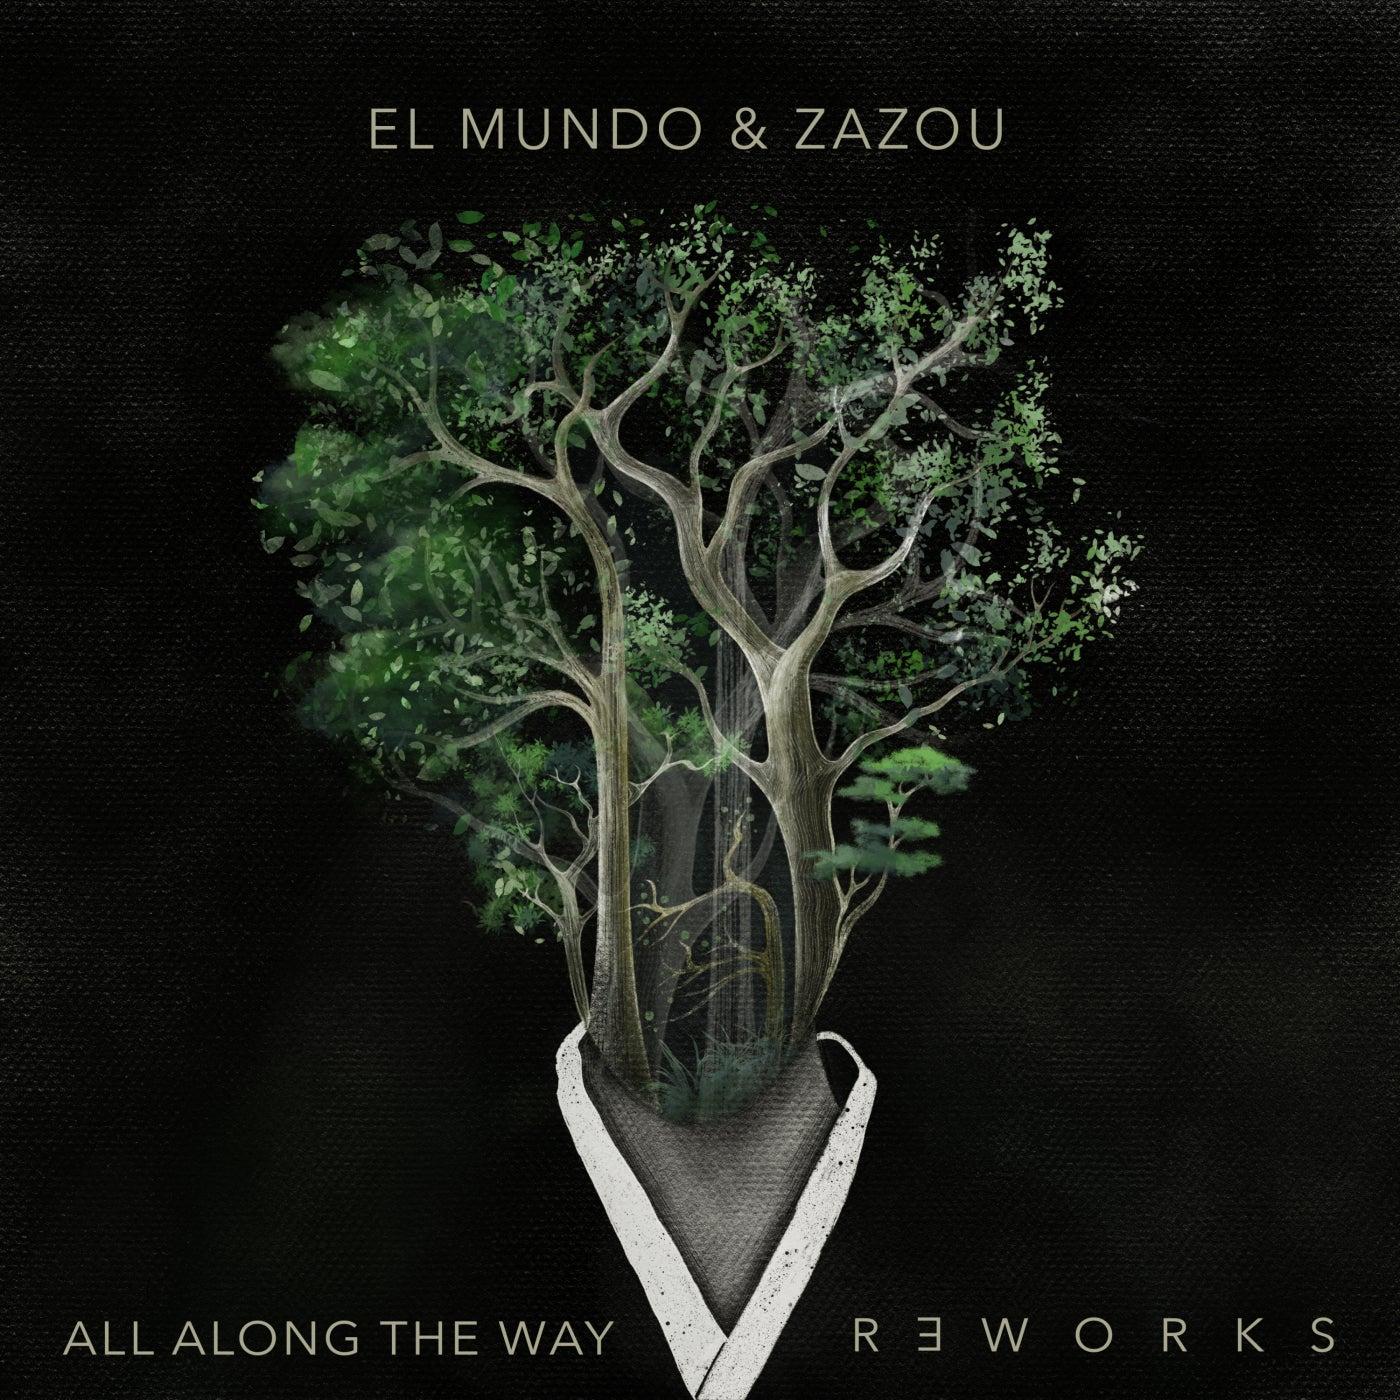 All Along the Way (Yannek Maunz & Paludoa Remix) Image